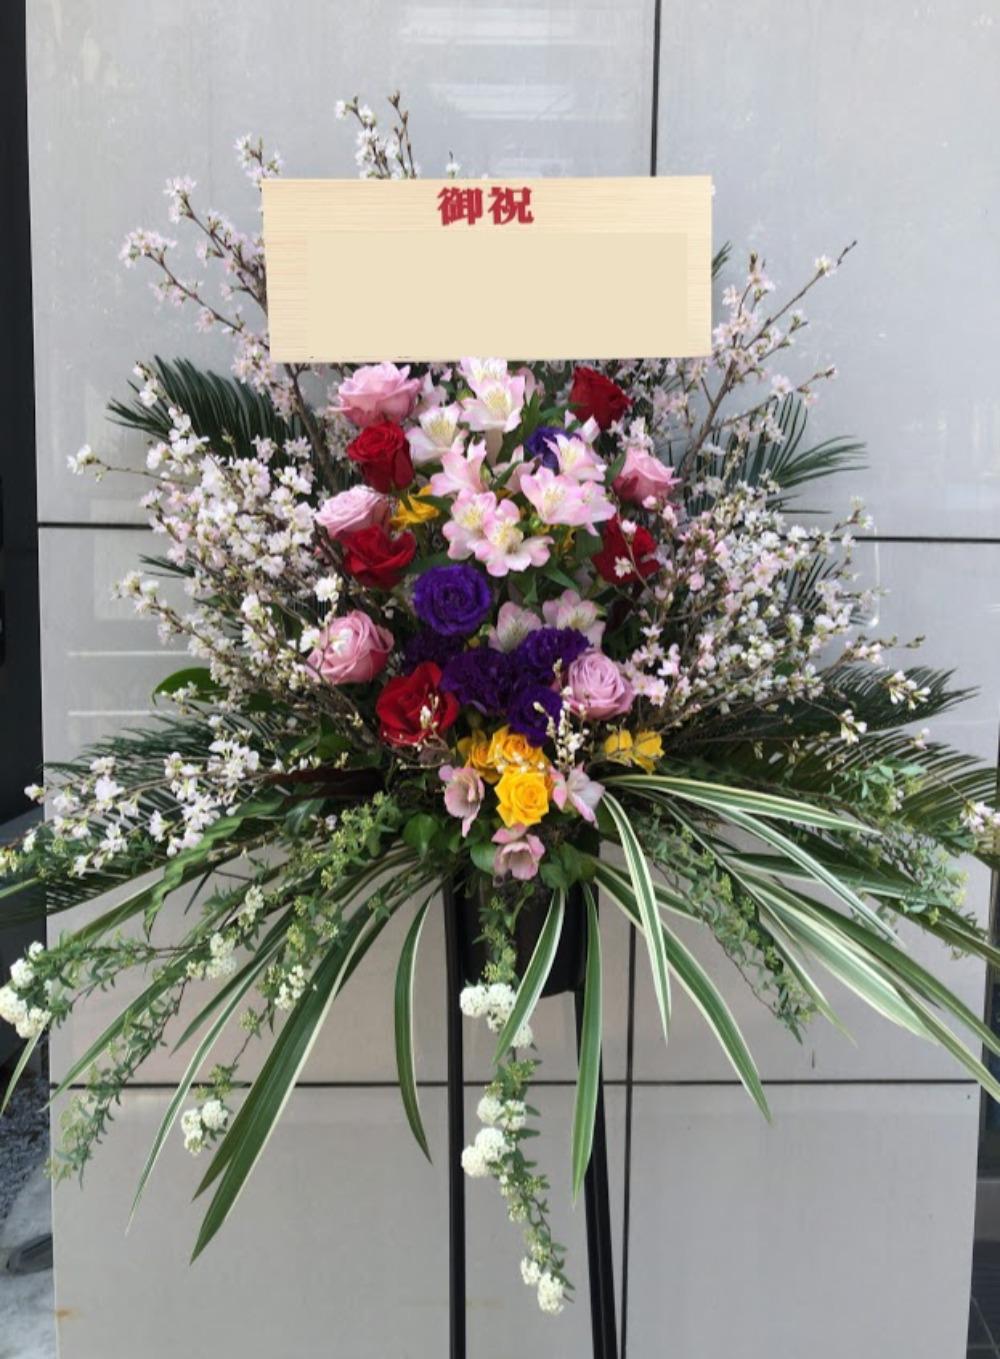 「また皆でお花見しましょう!」桜の美しい移転祝いのスタンド花